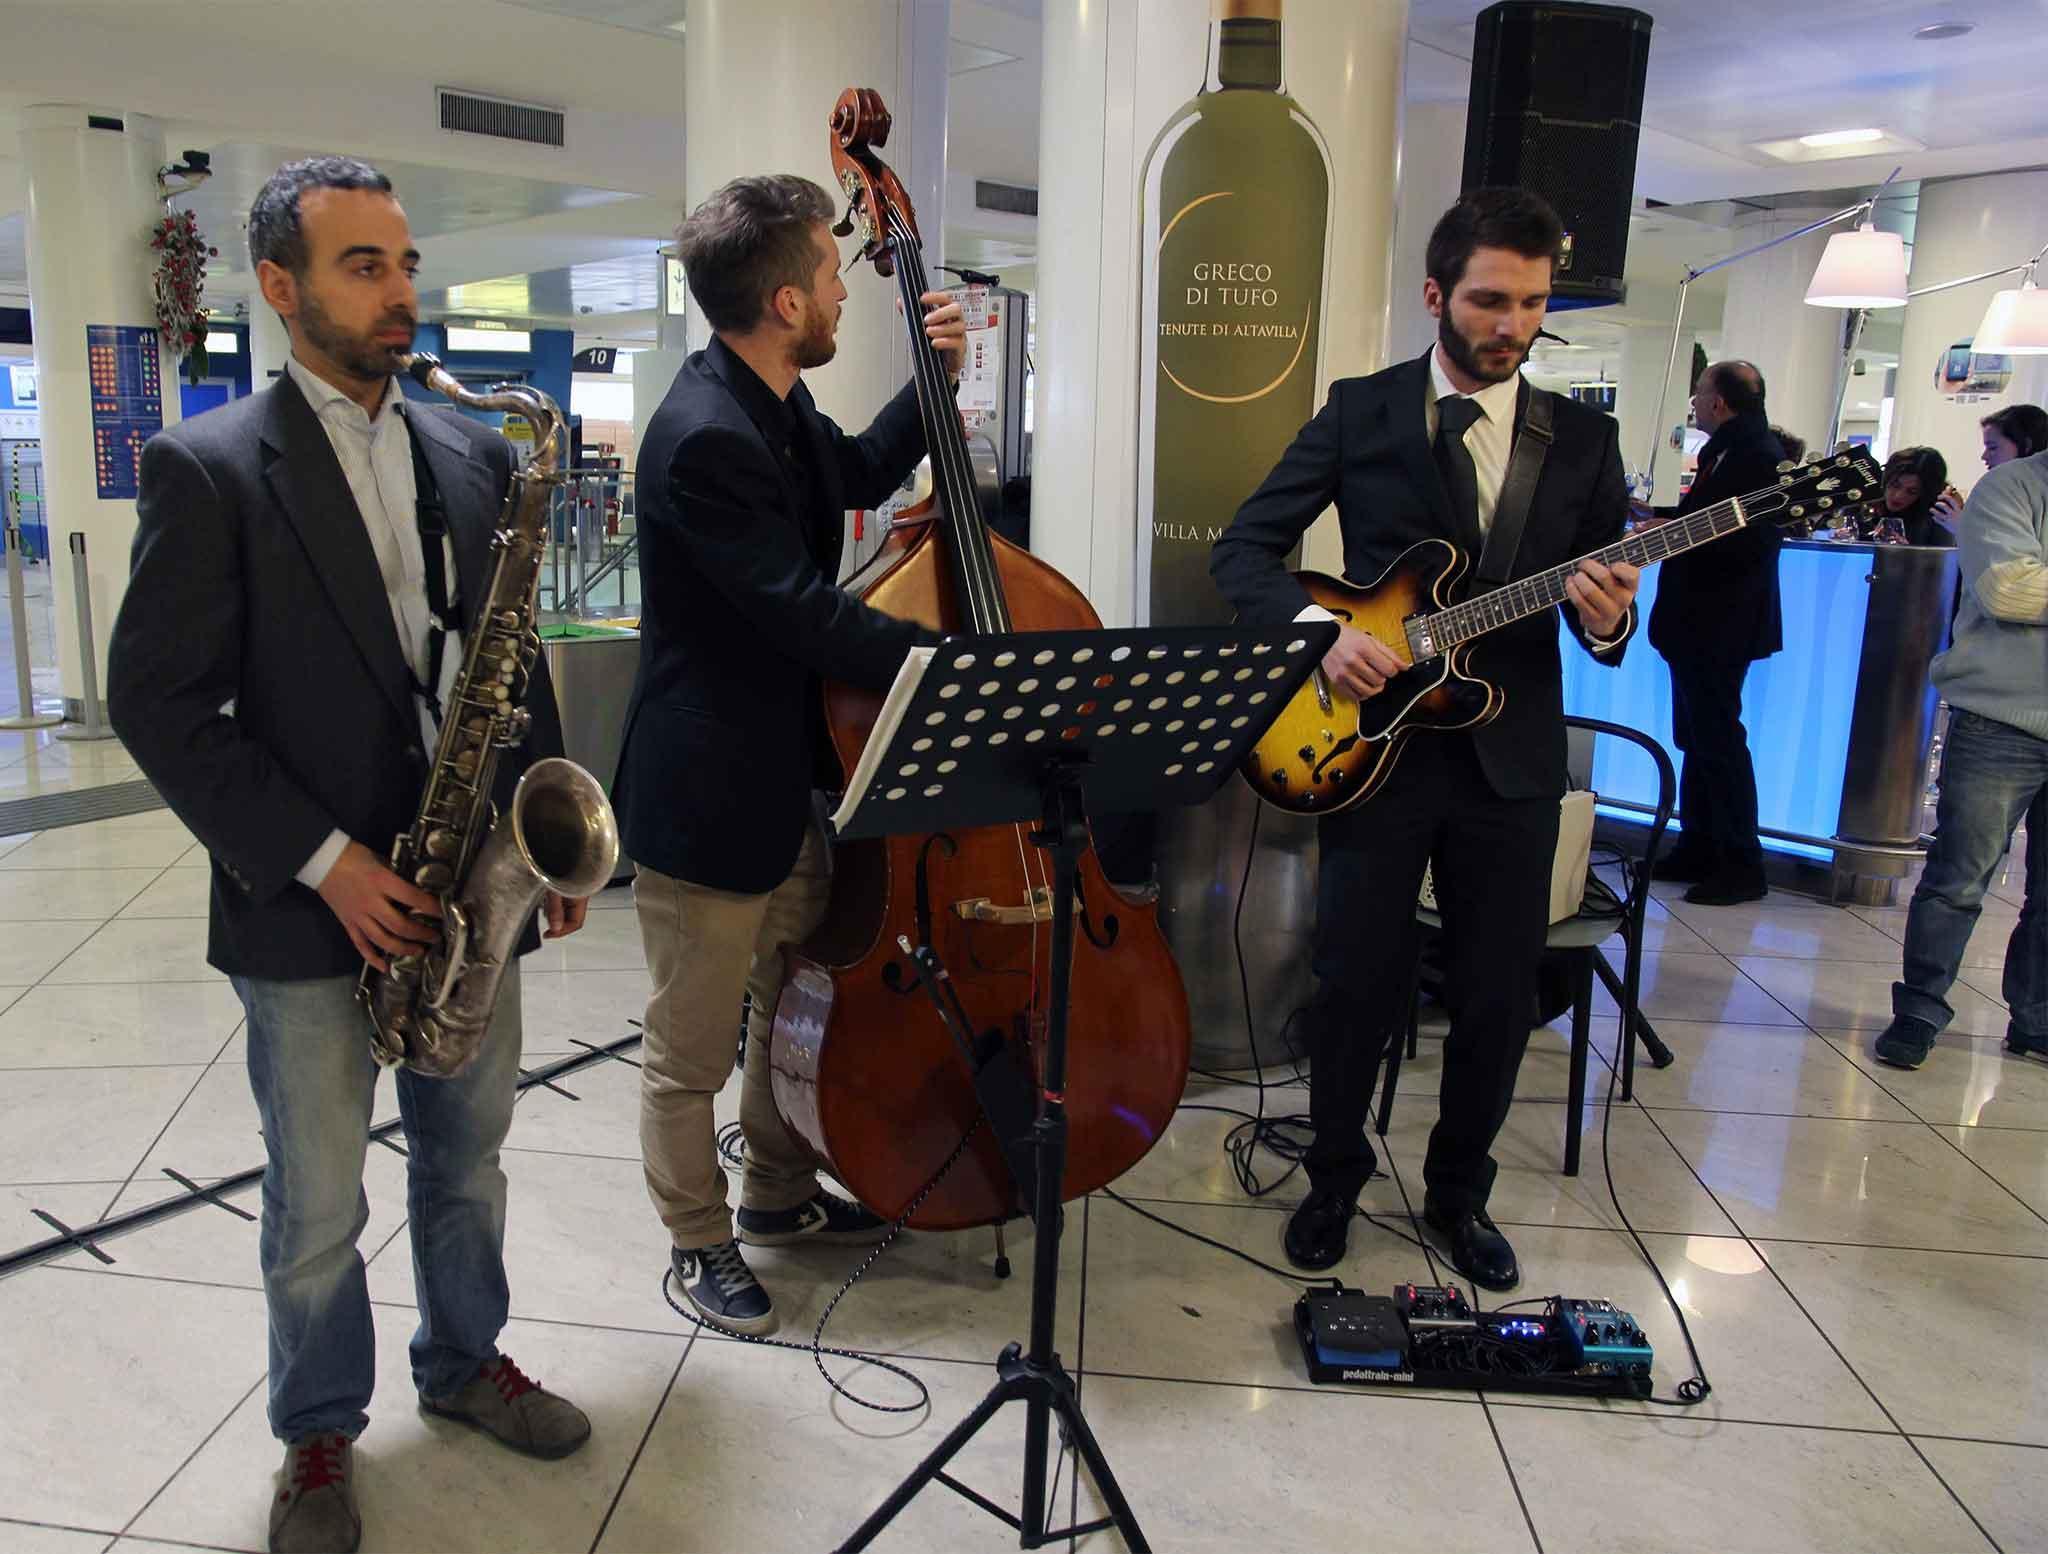 musica-in-aeroporto-napoli